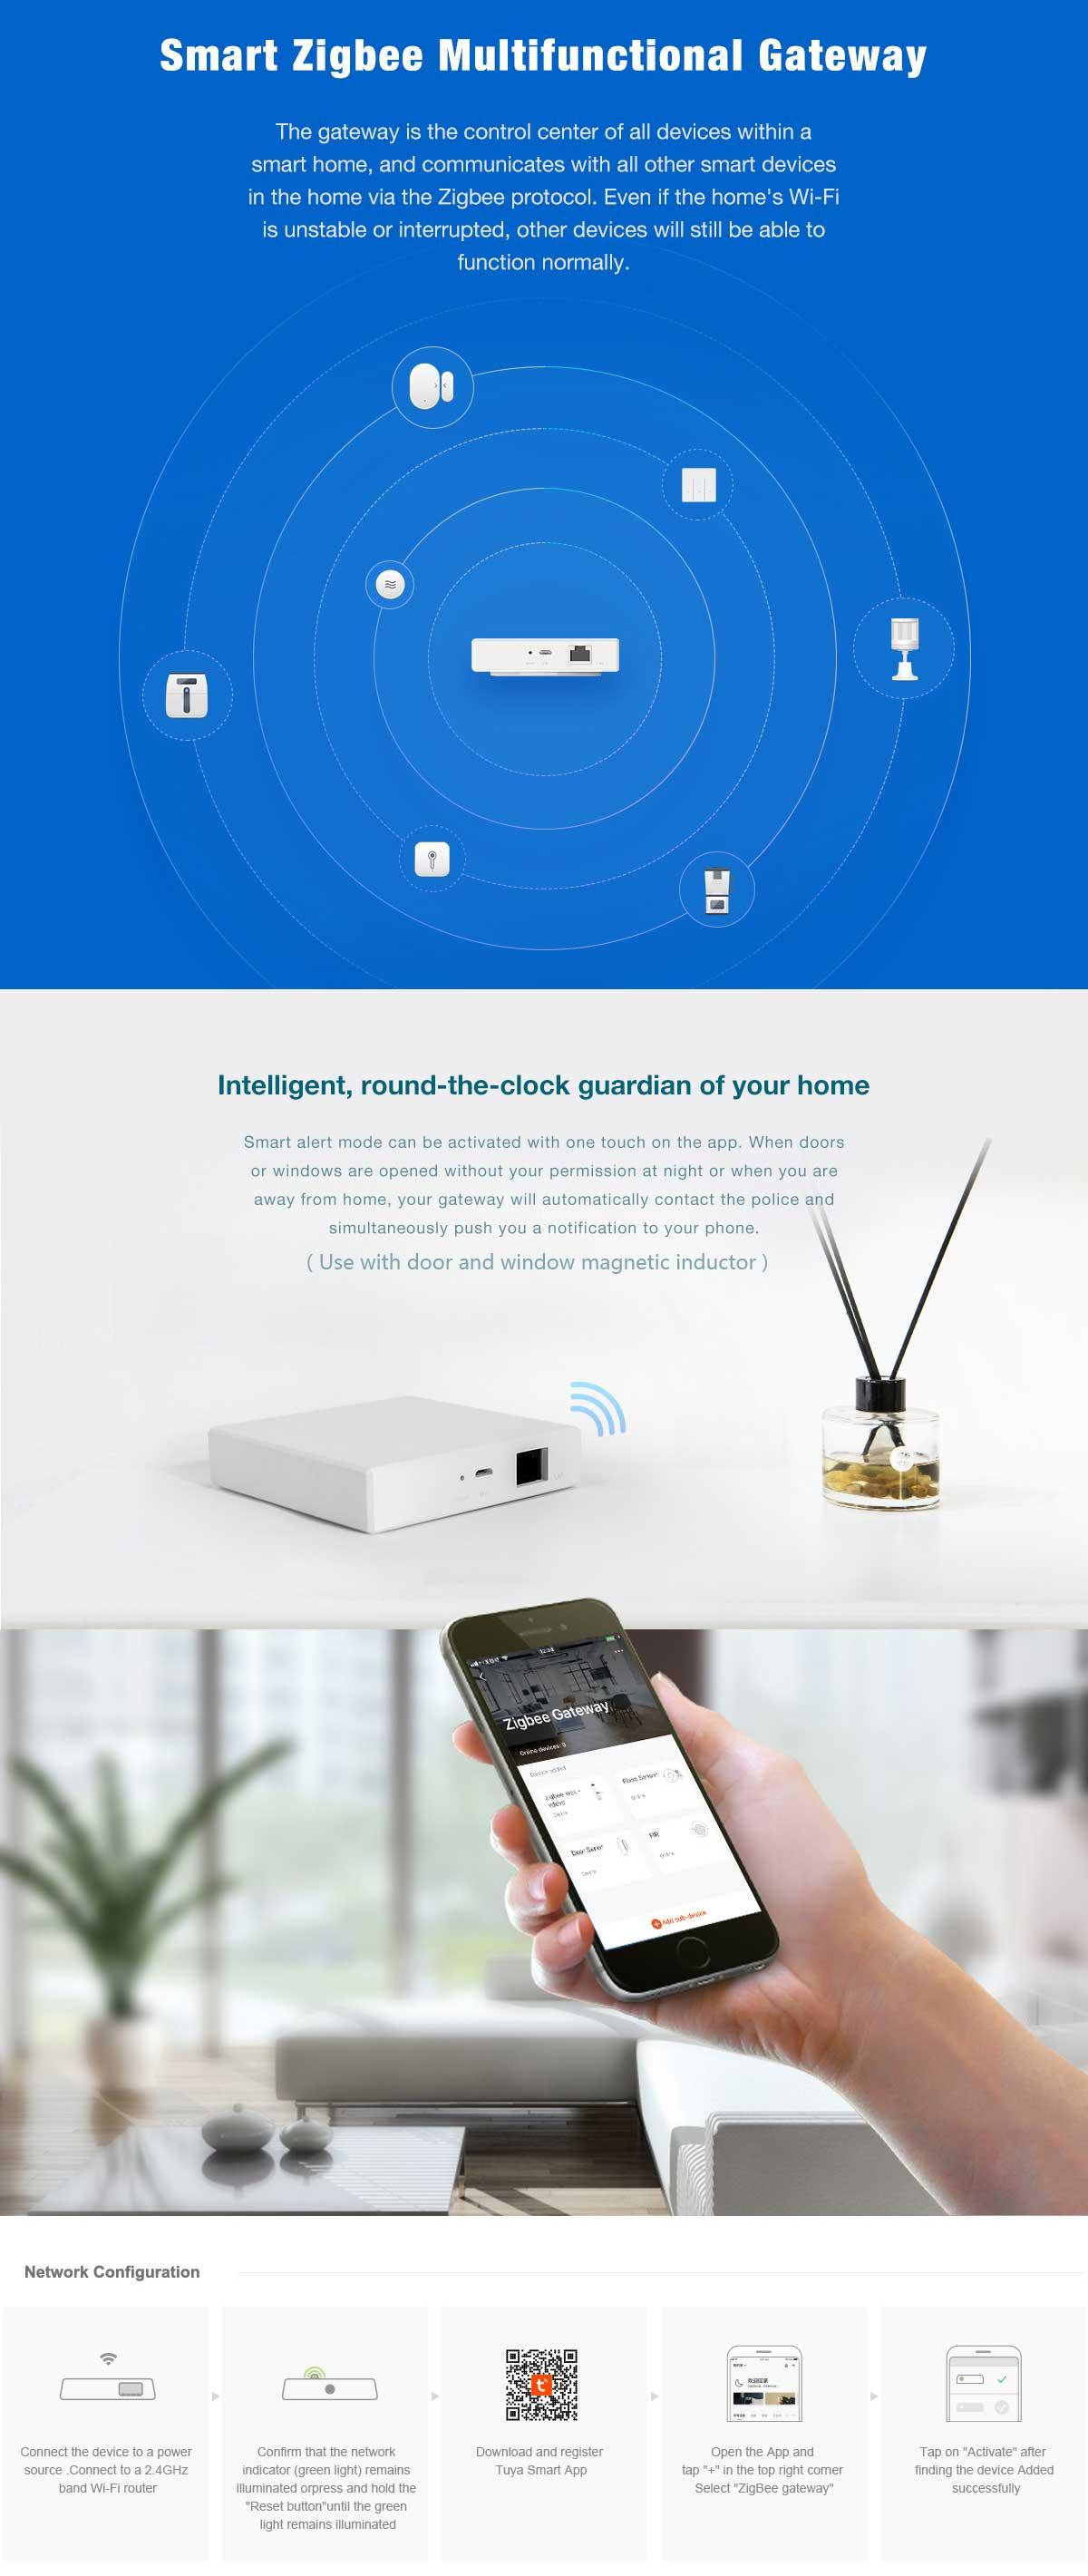 ZigBee smart gateway